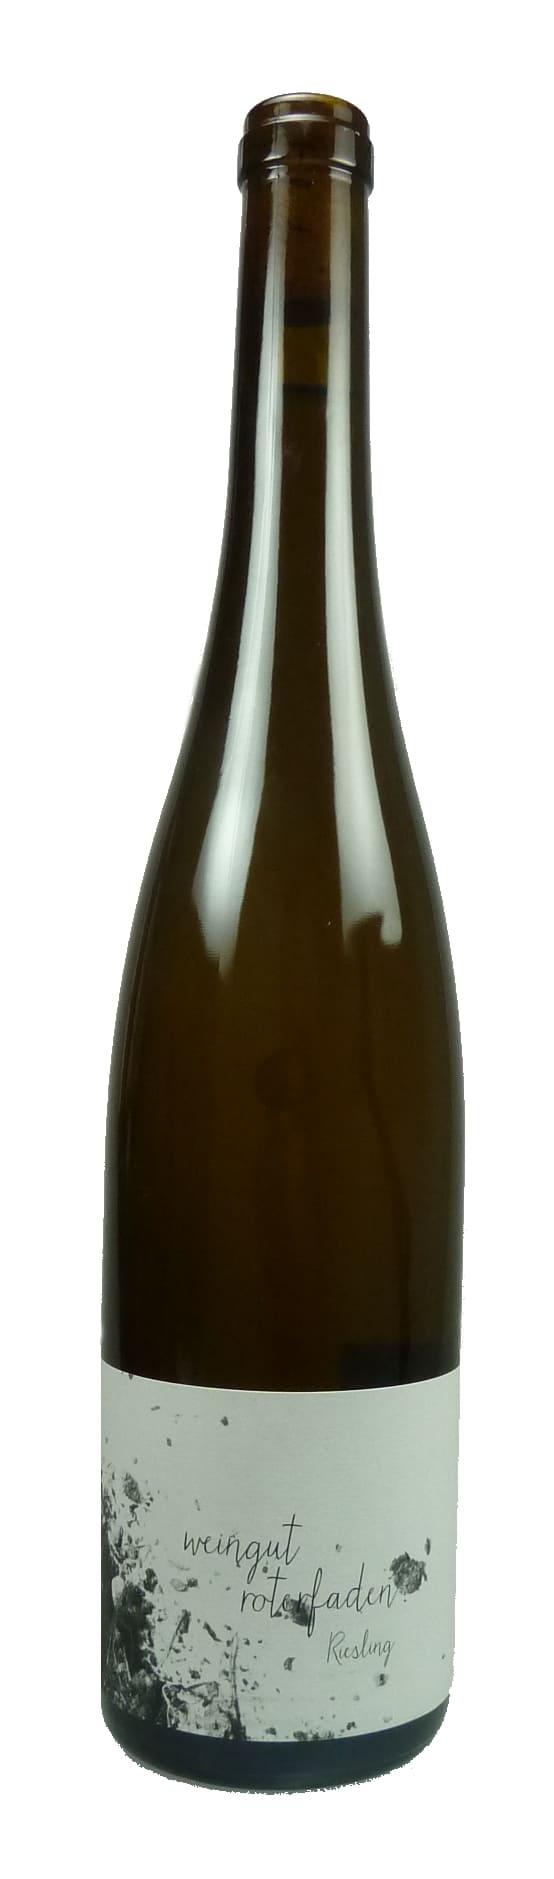 Riesling Schwäbischer Landwein trocken 2016